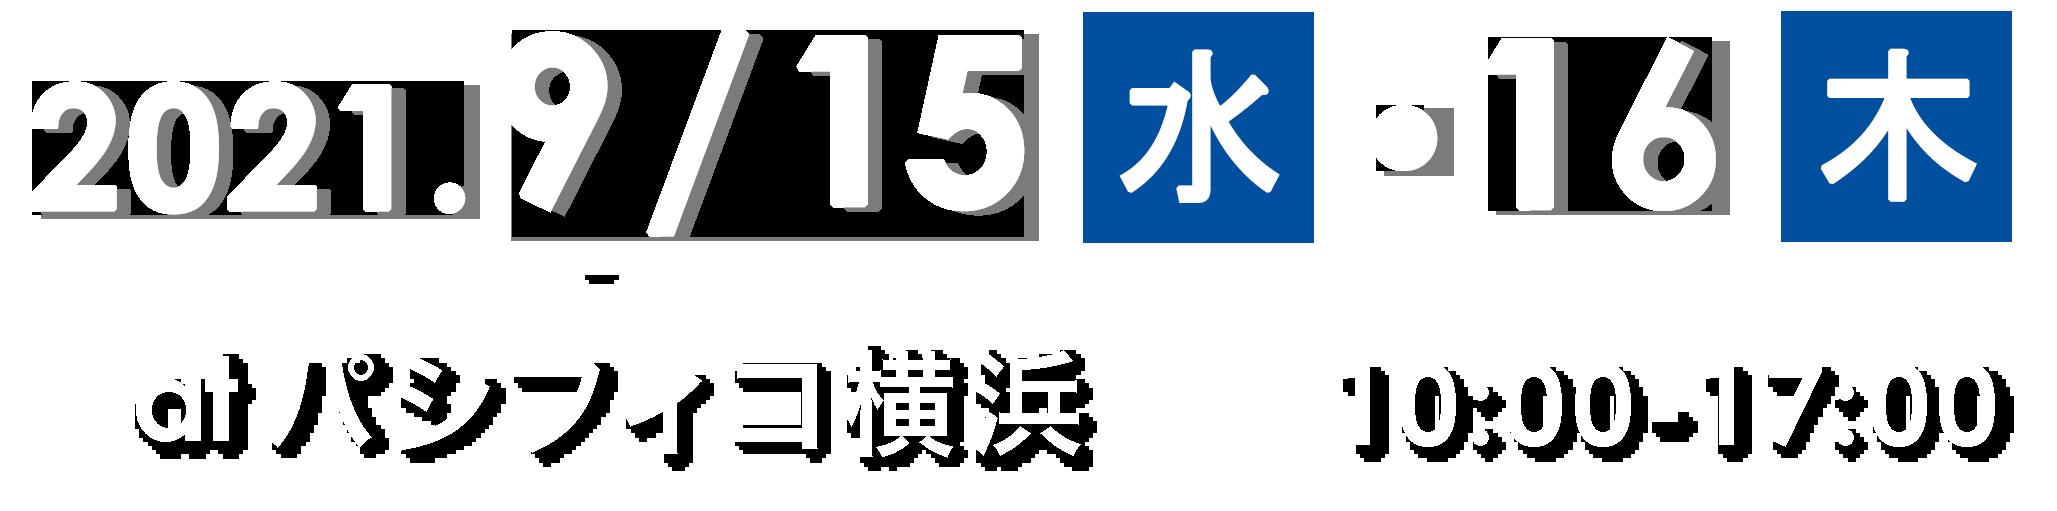 2021年9月15日(水)・16日(木)